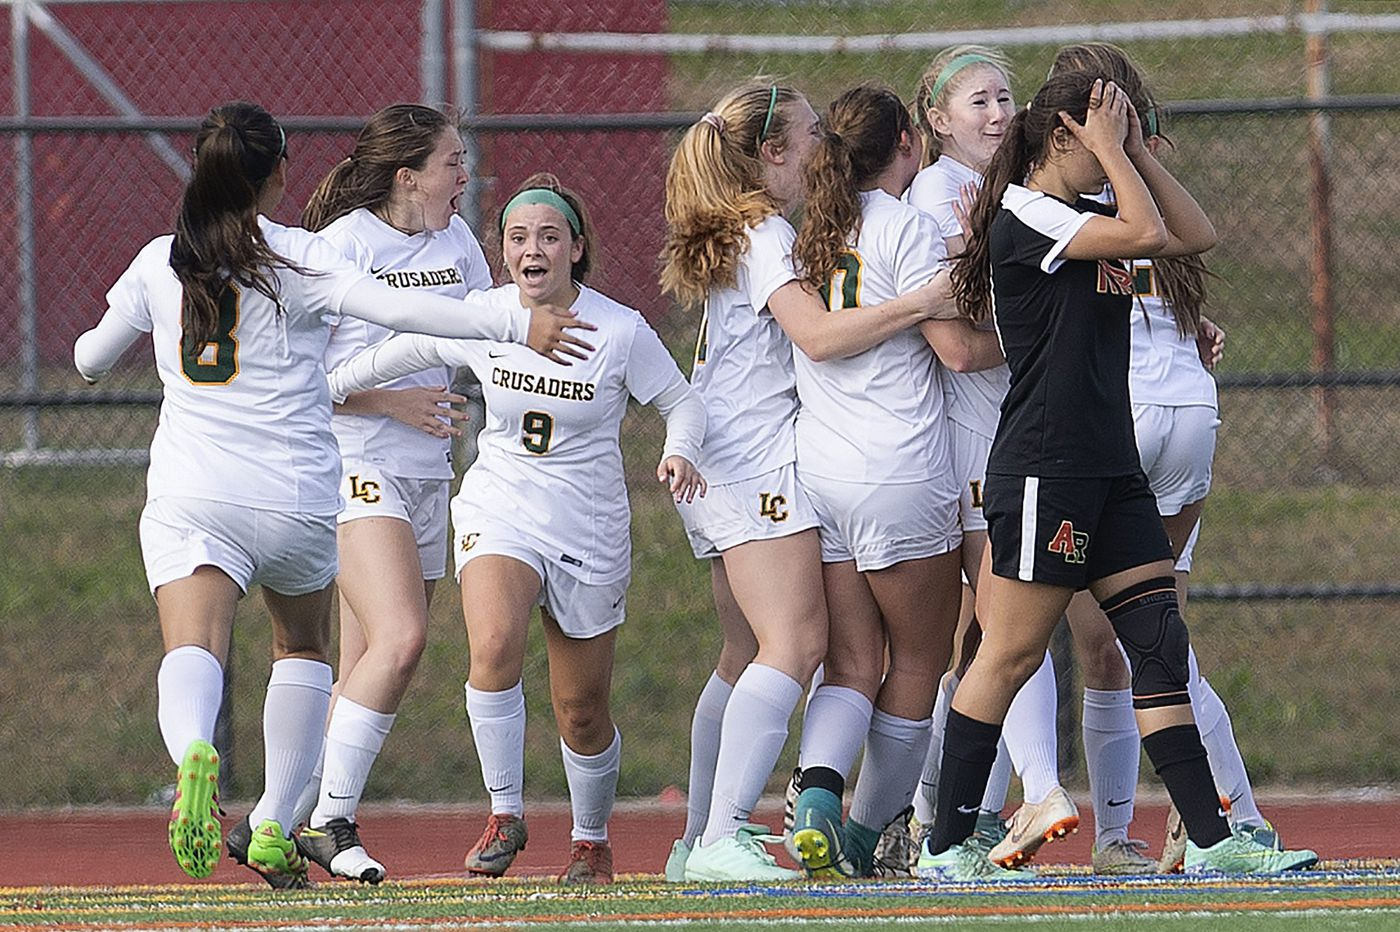 Lansdale Catholic girls' soccer wins Catholic League title